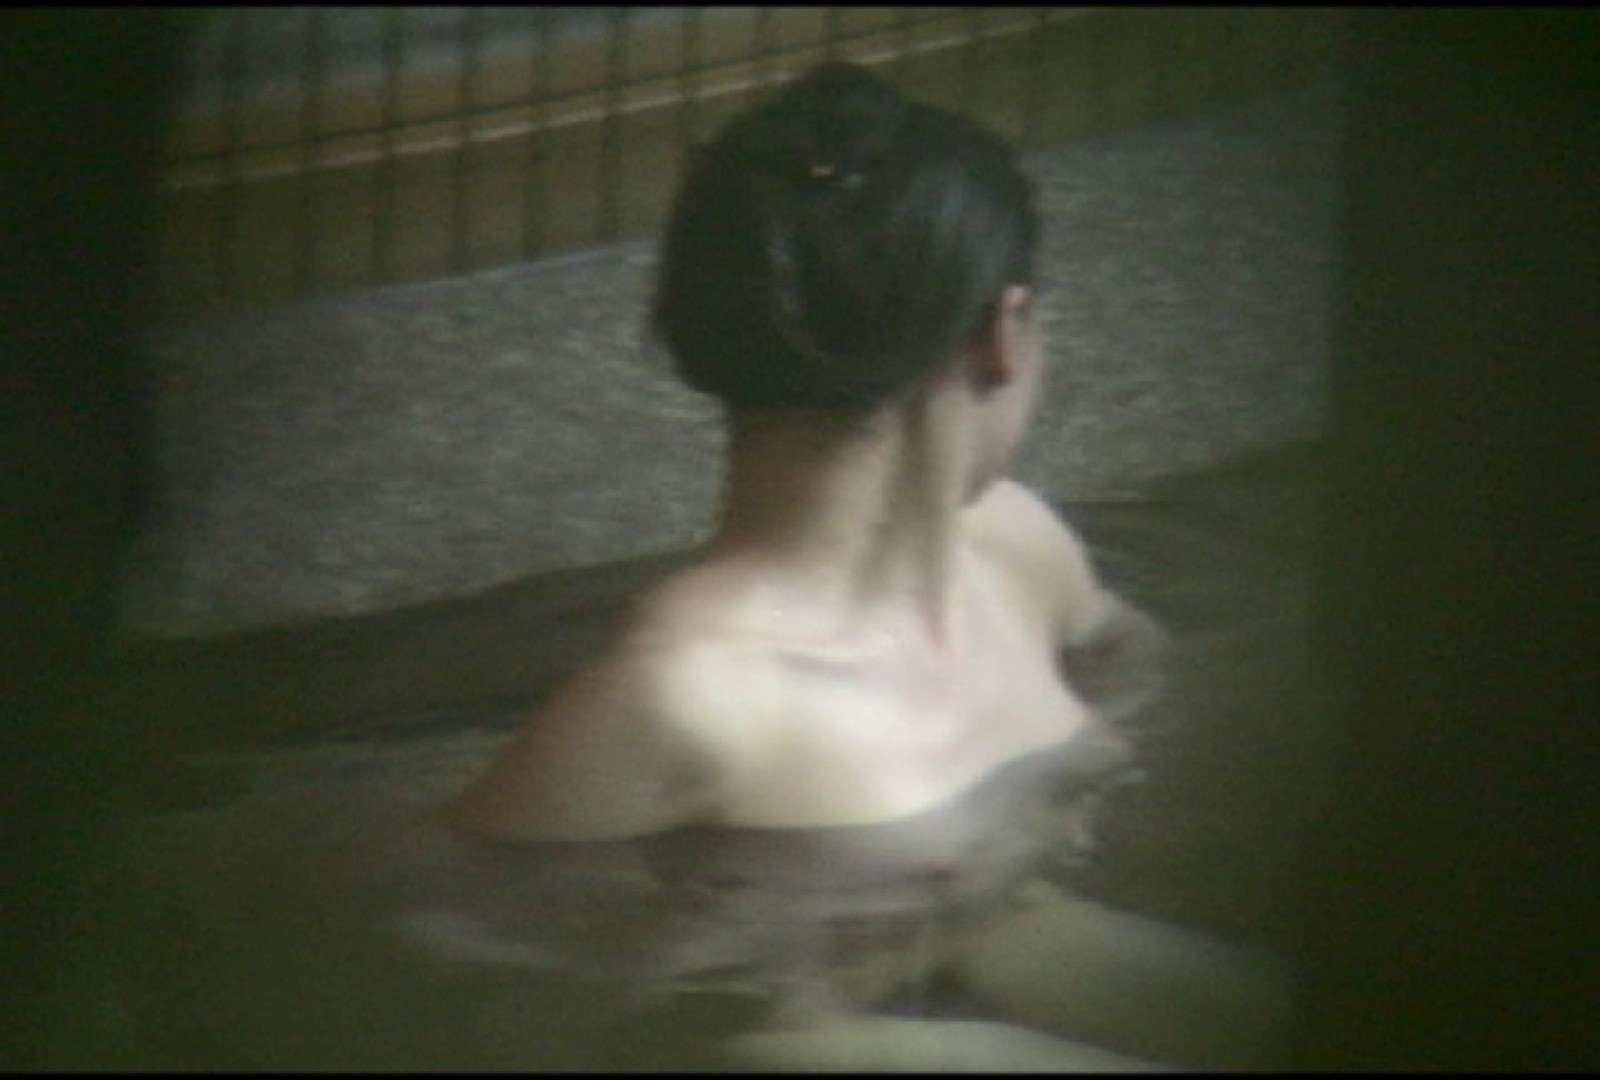 Aquaな露天風呂Vol.699 女体盗撮  60連発 15